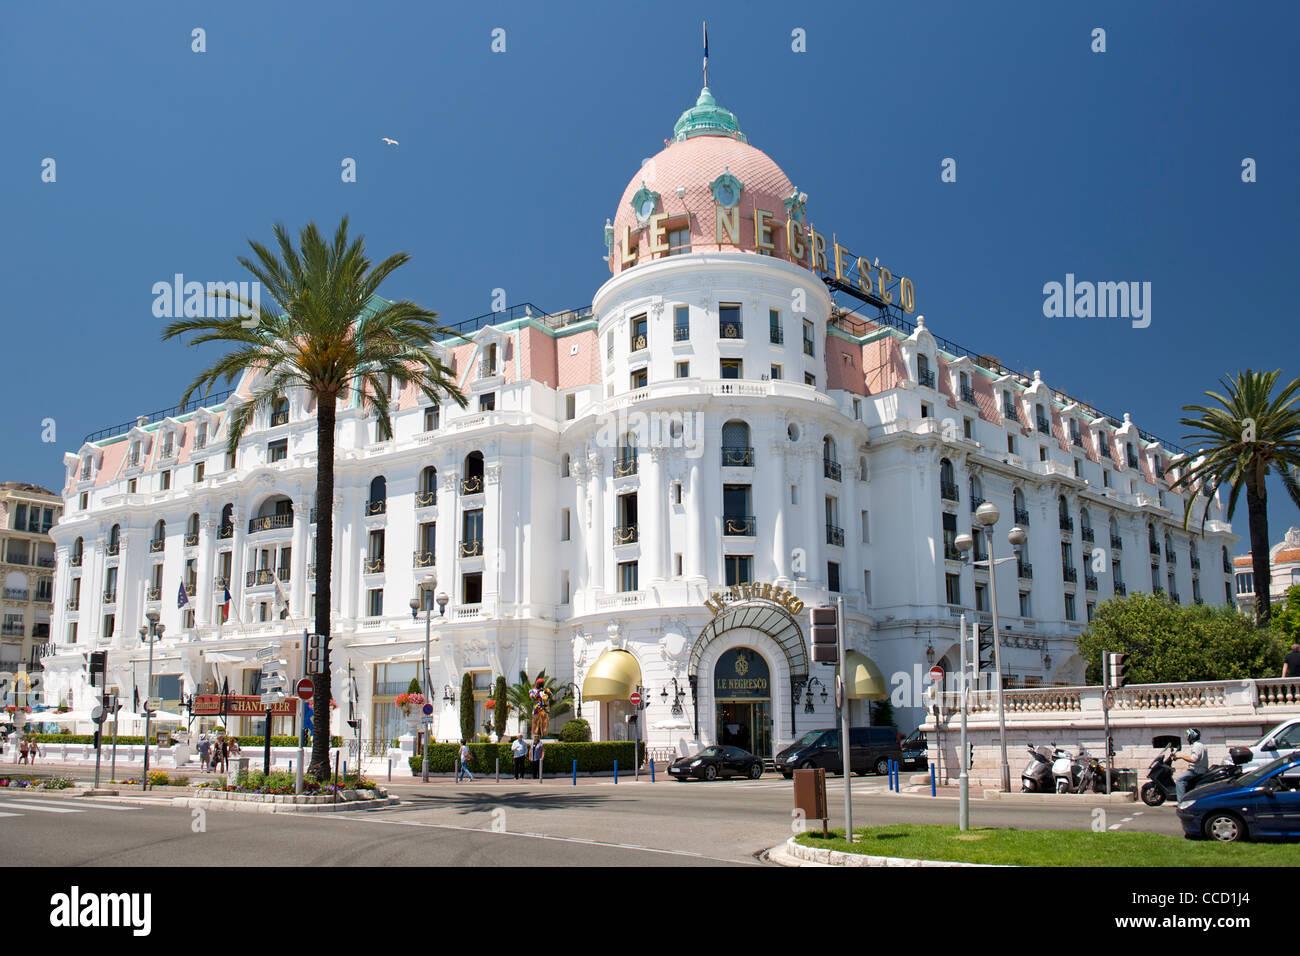 L'hotel Negresco di Nizza sulla costa mediterranea nel sud della Francia. Immagini Stock